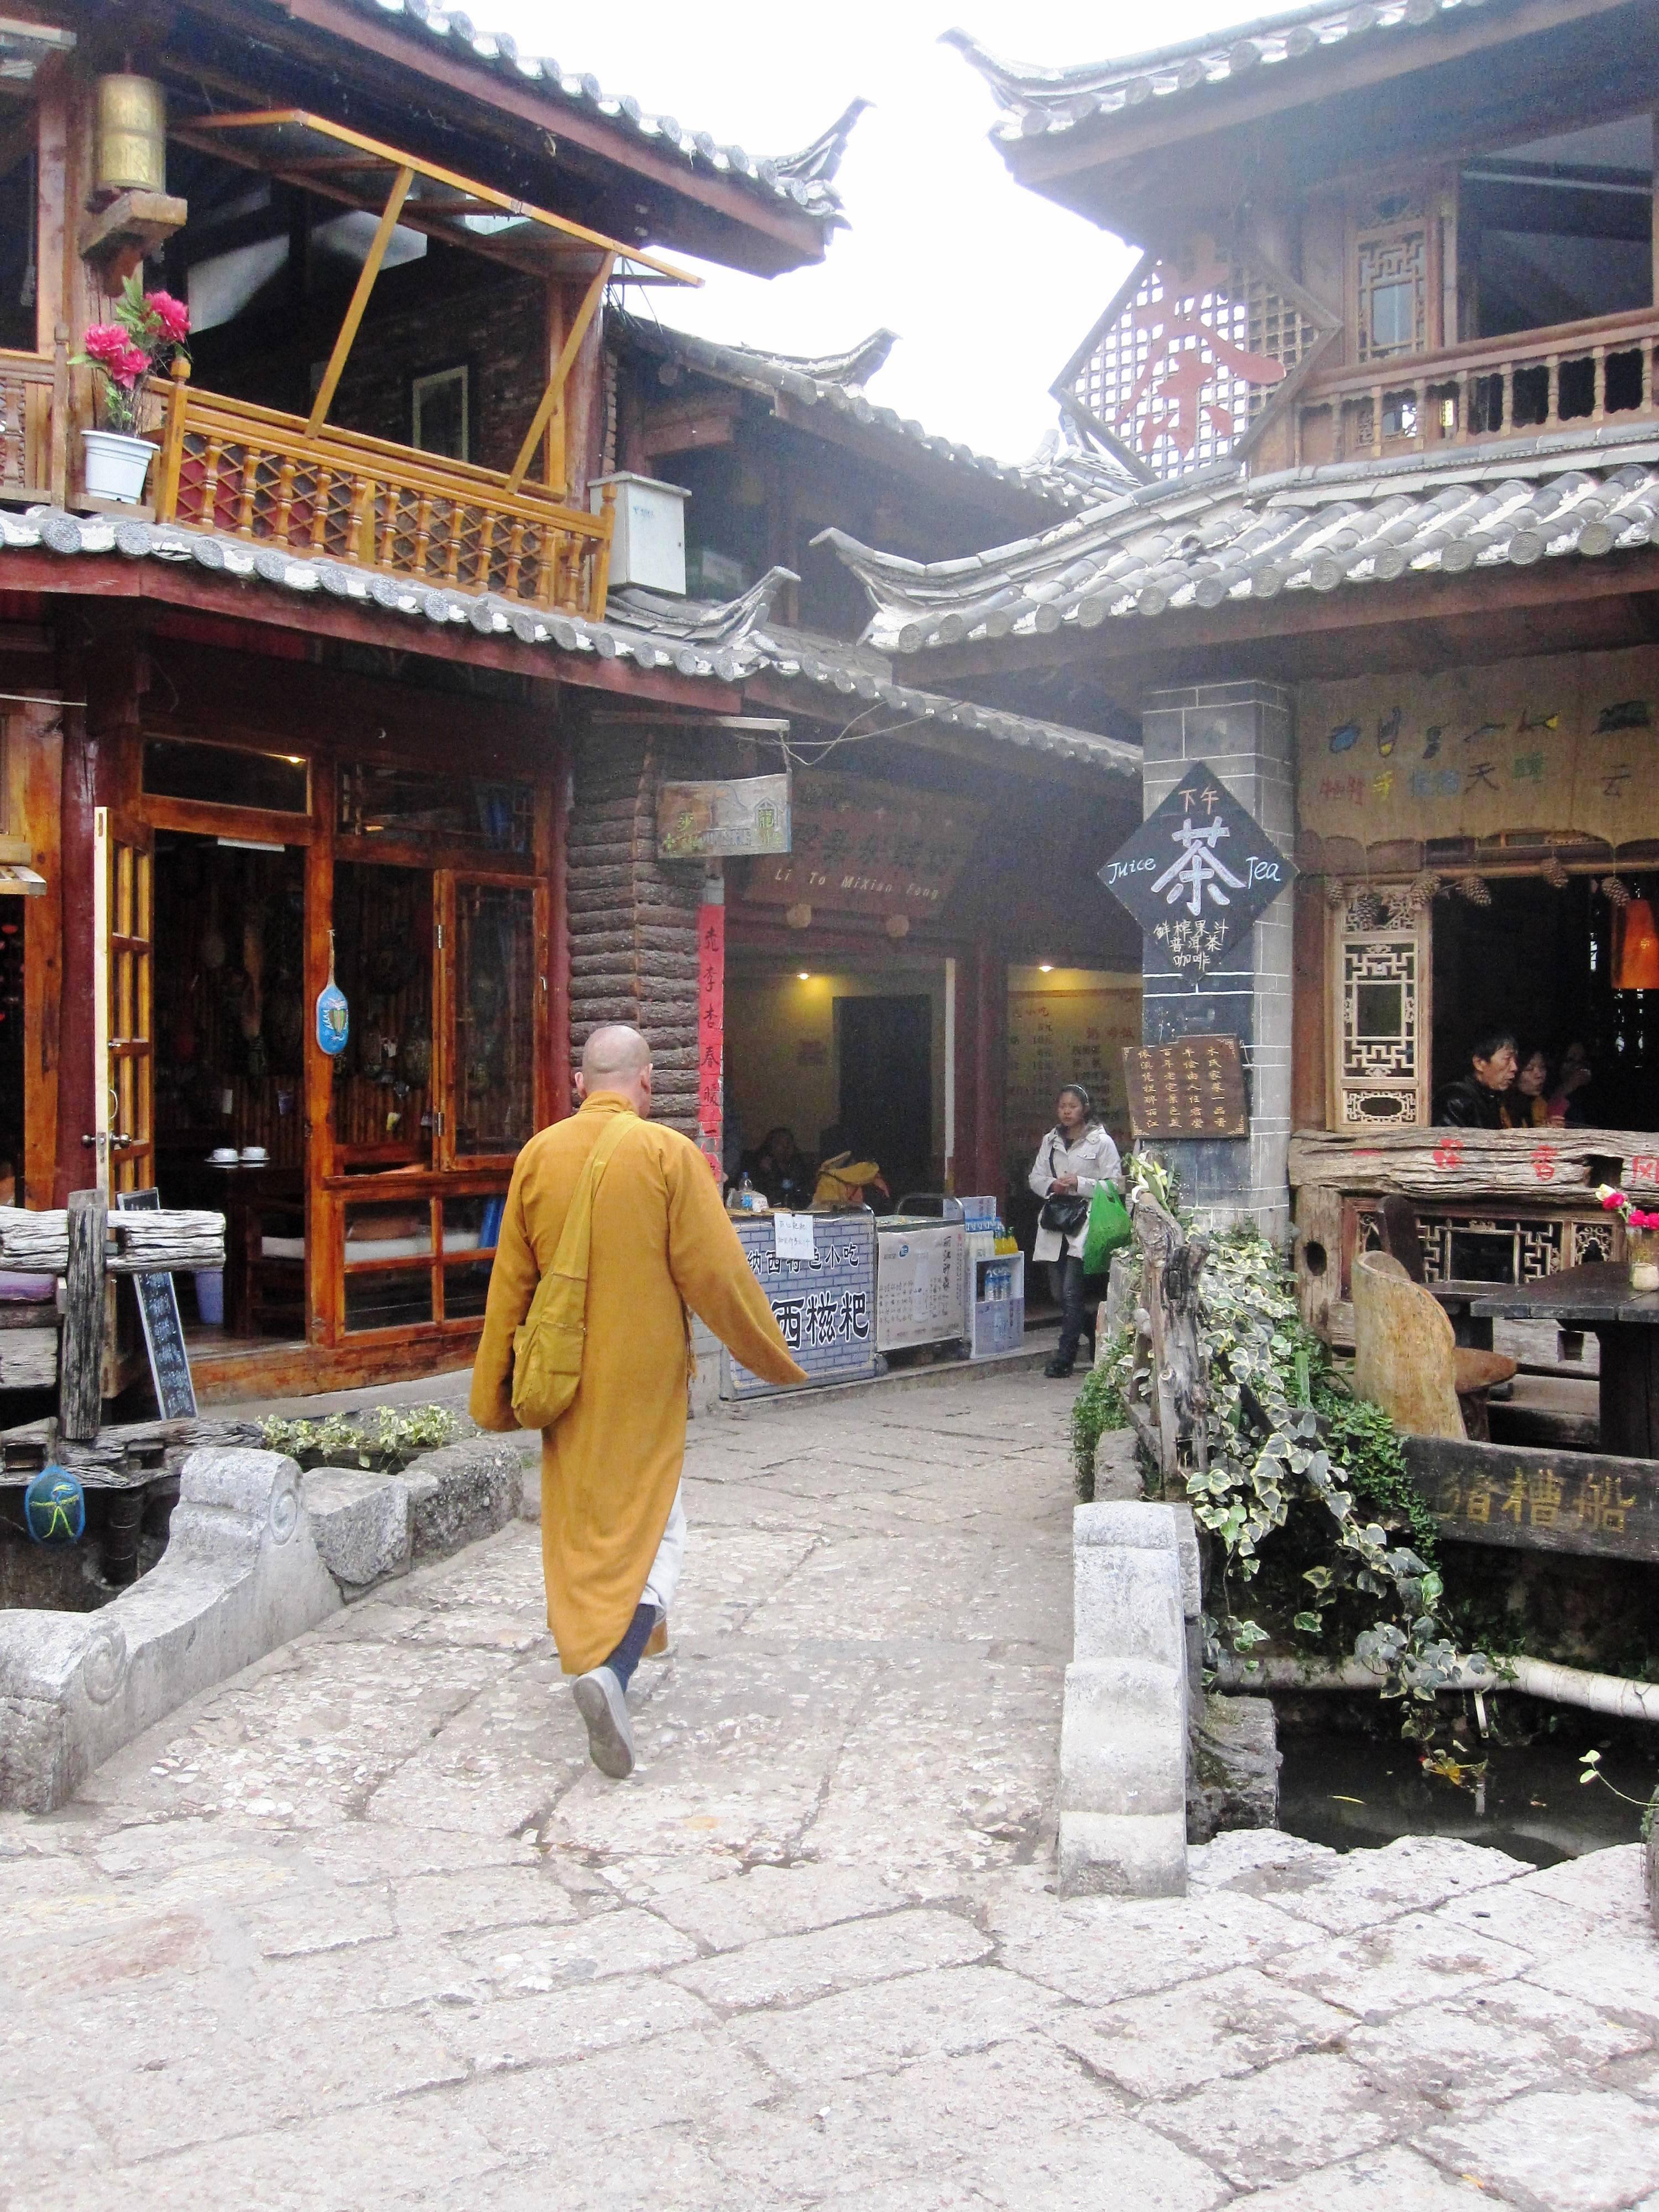 Monk Walking through Old Town (Lijiang)